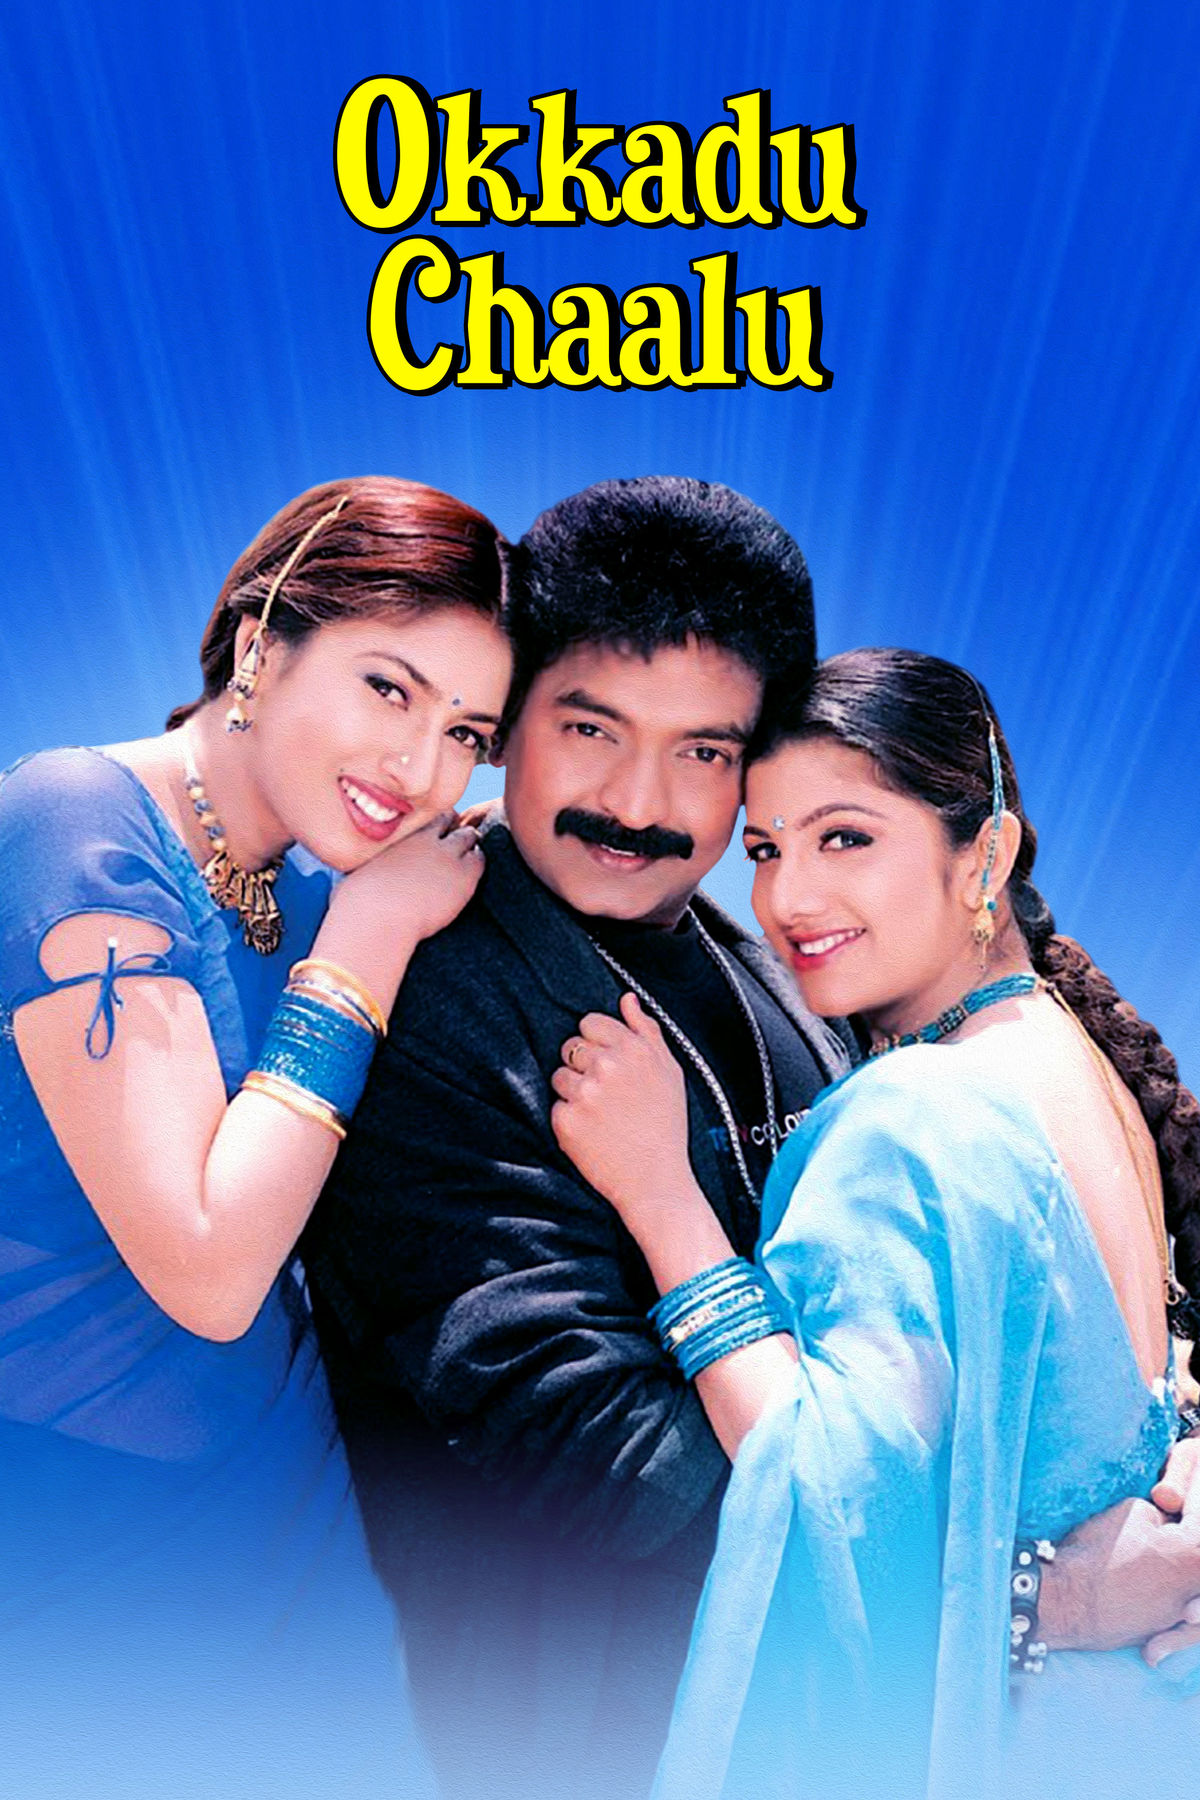 Okkadu Chaalu